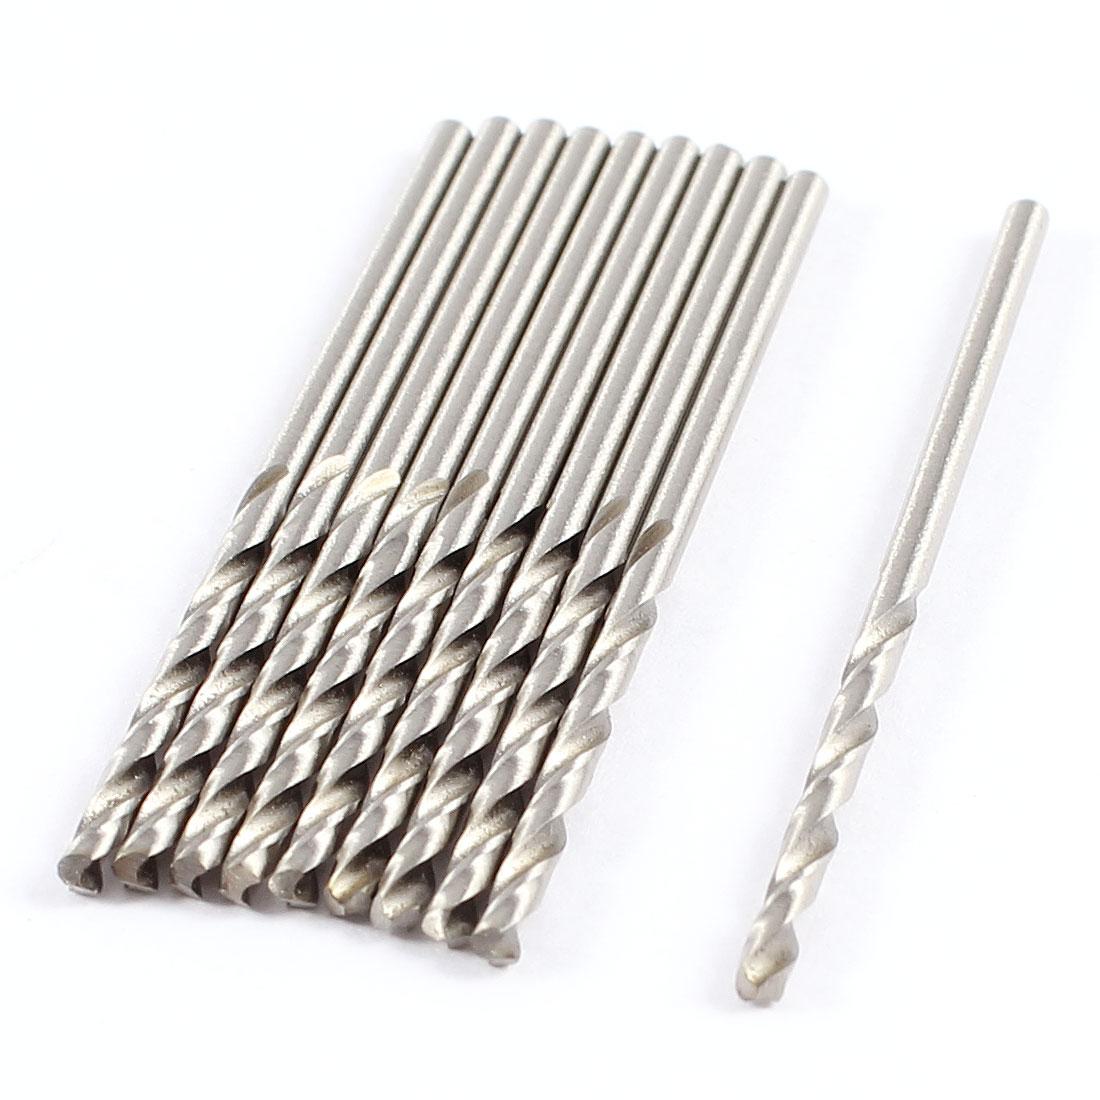 10 Pcs 1.6mm x 21mm x 43mm Flute Metal Marble HSS Twist Drilling Drill Bits